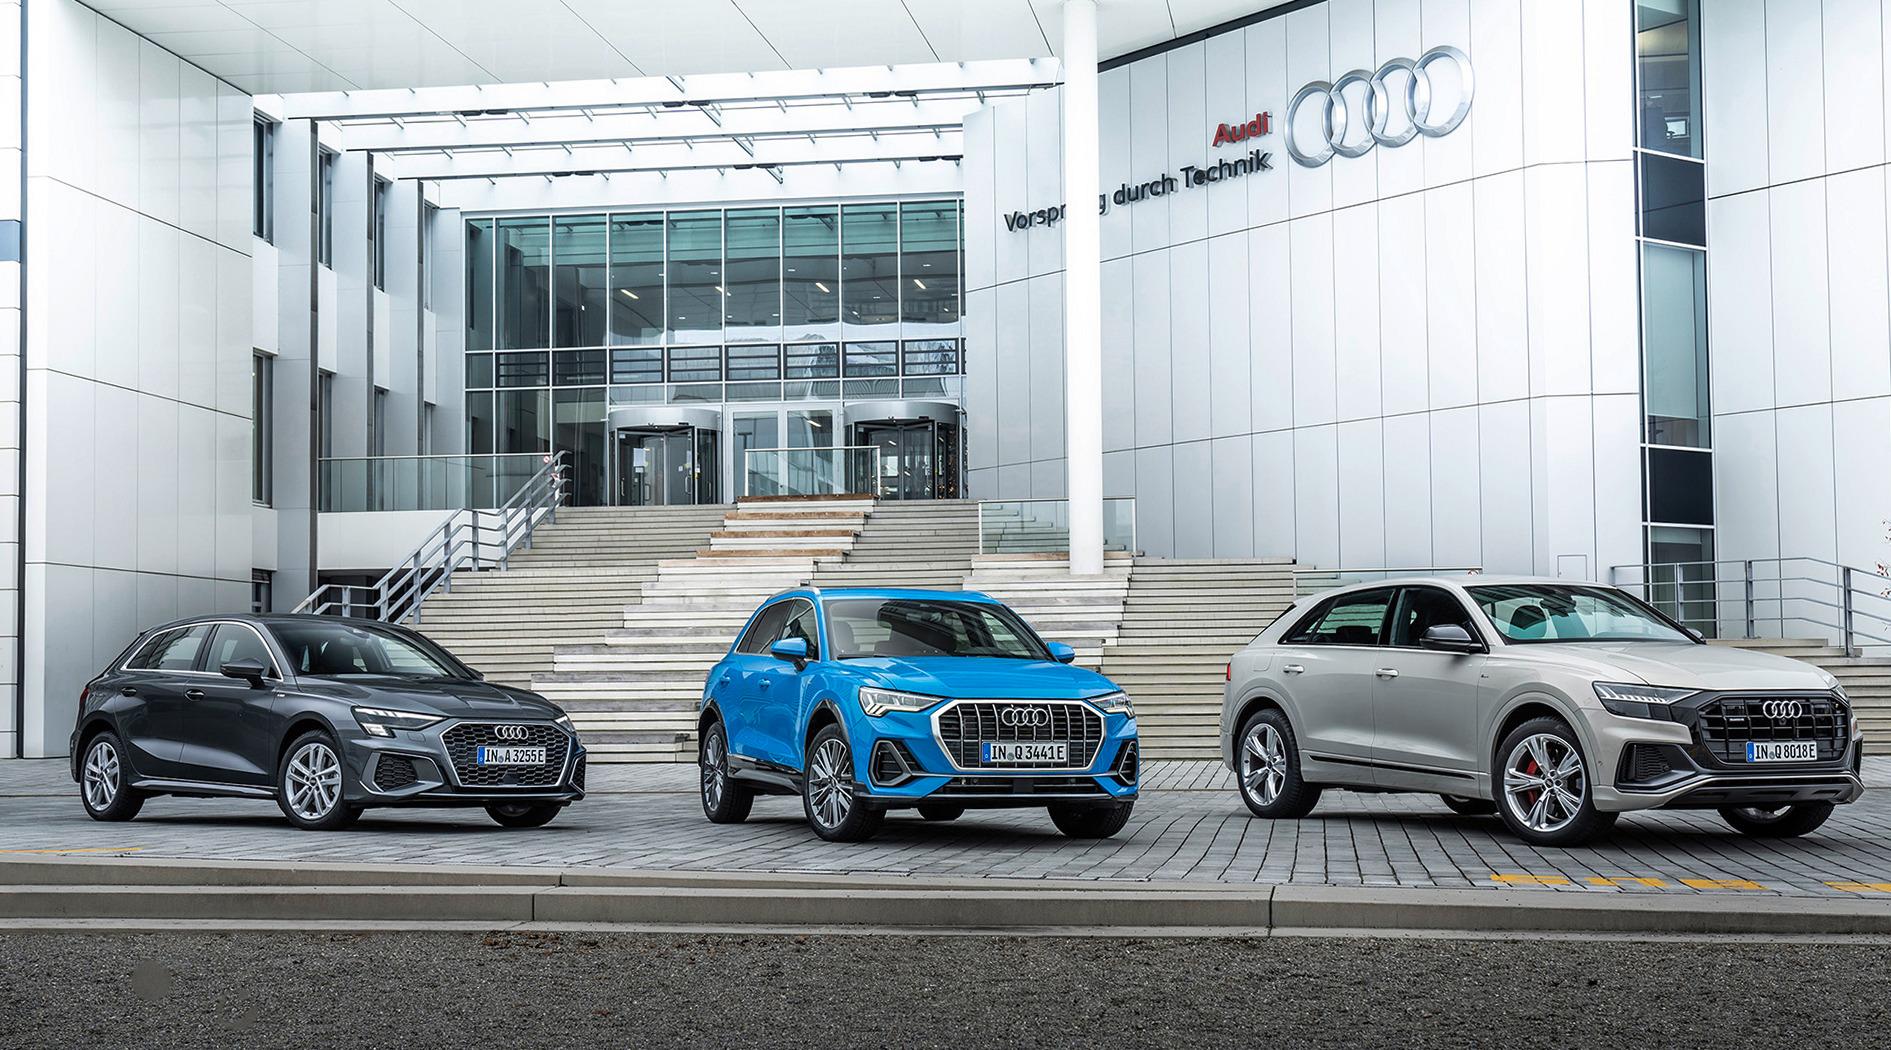 Η γκάμα των plug-in υβριδικών μοντέλων από την Audi